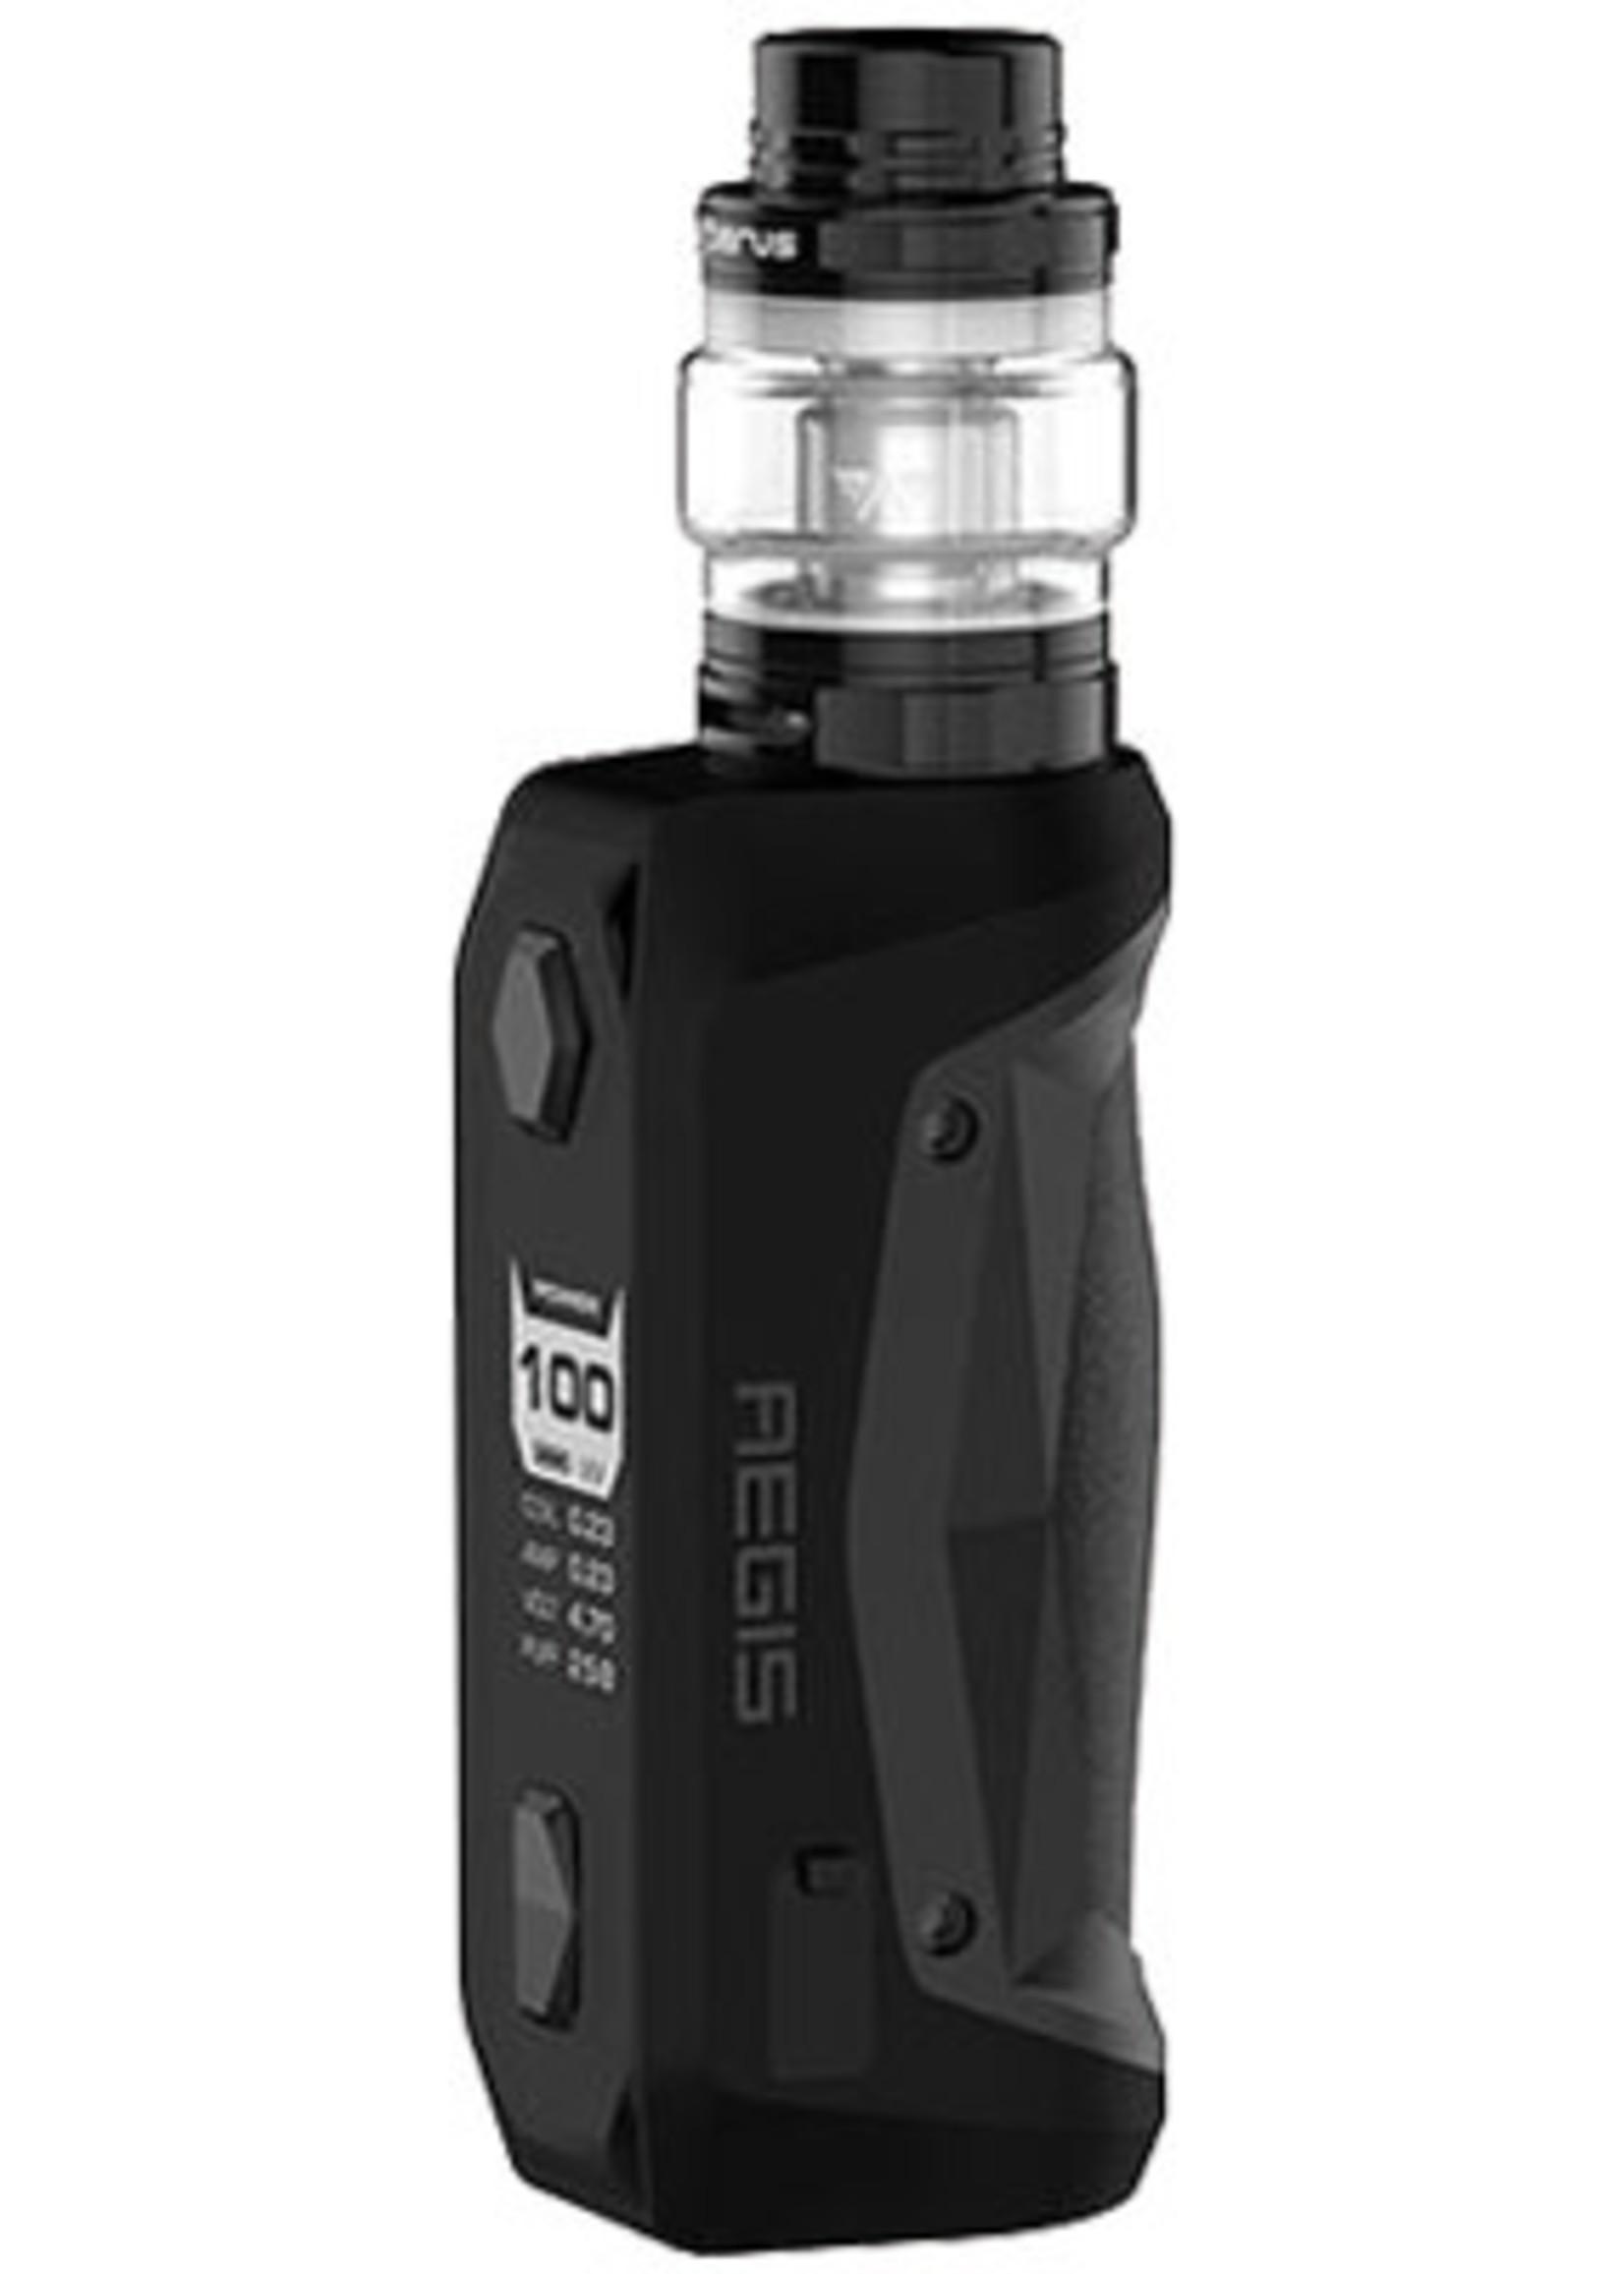 Geekvape Aegis solo kit - black